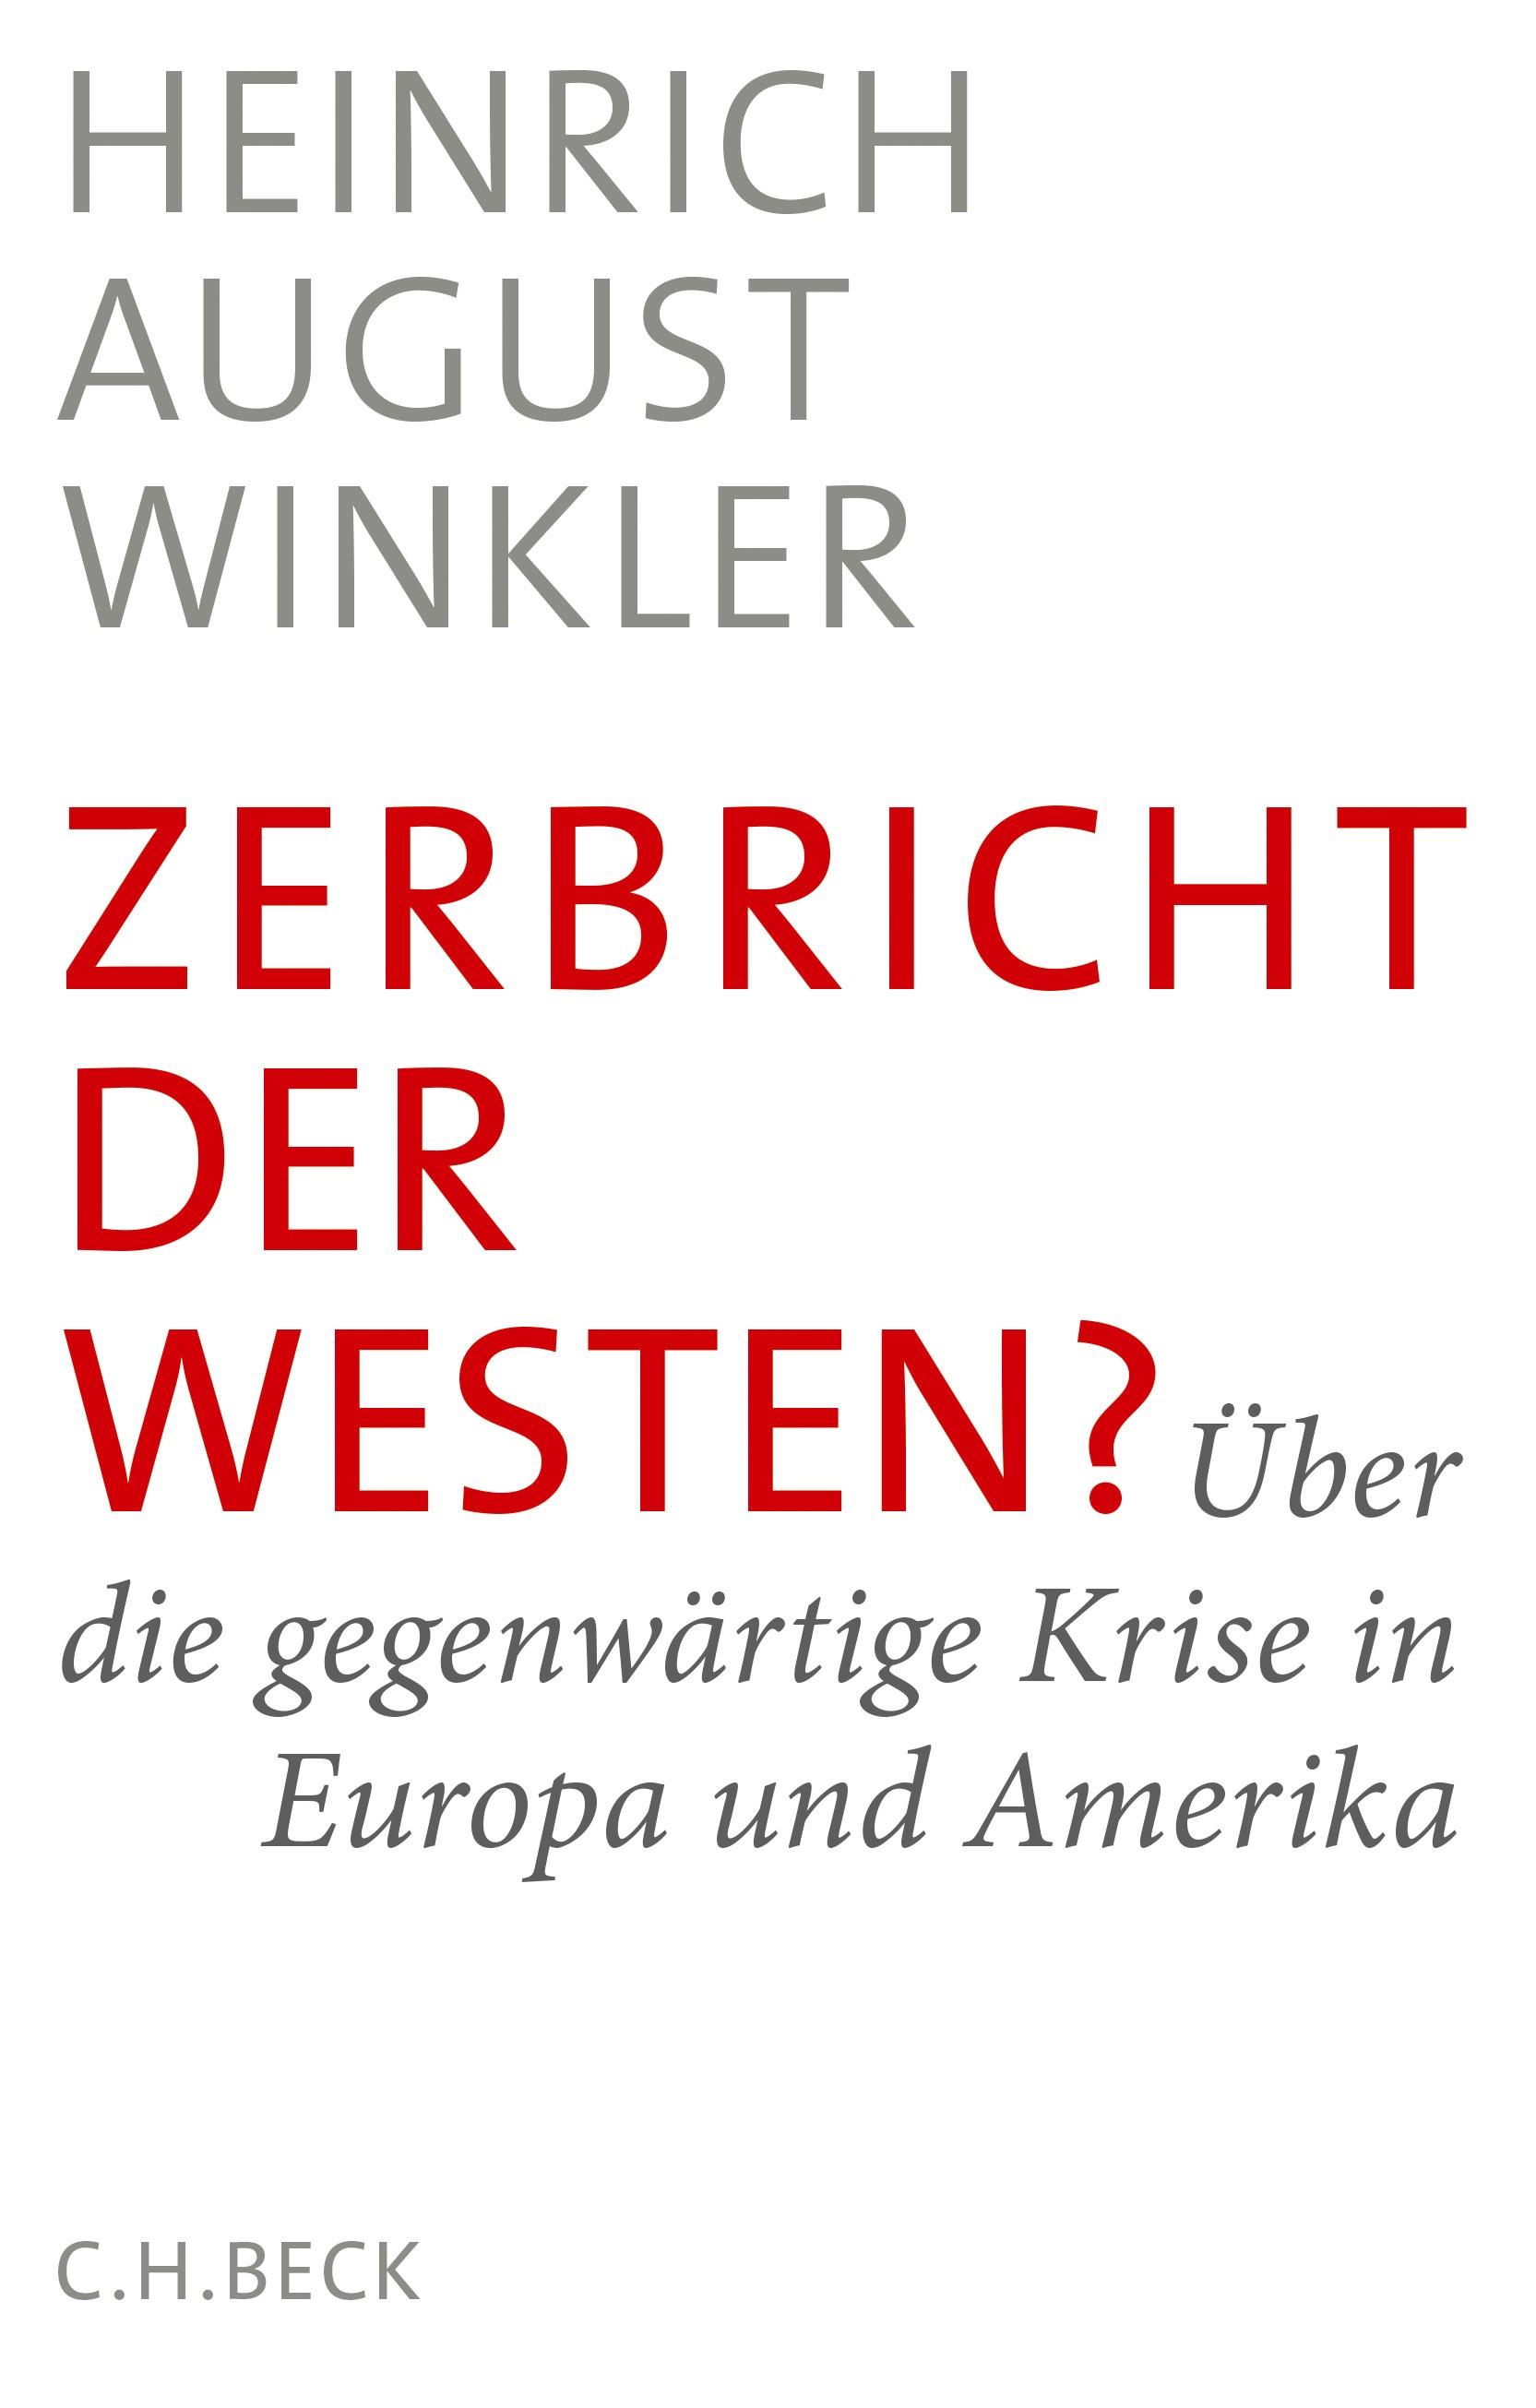 Zerbricht der Westen? | Winkler, Heinrich August | 2. Auflage, 2017 | Buch (Cover)